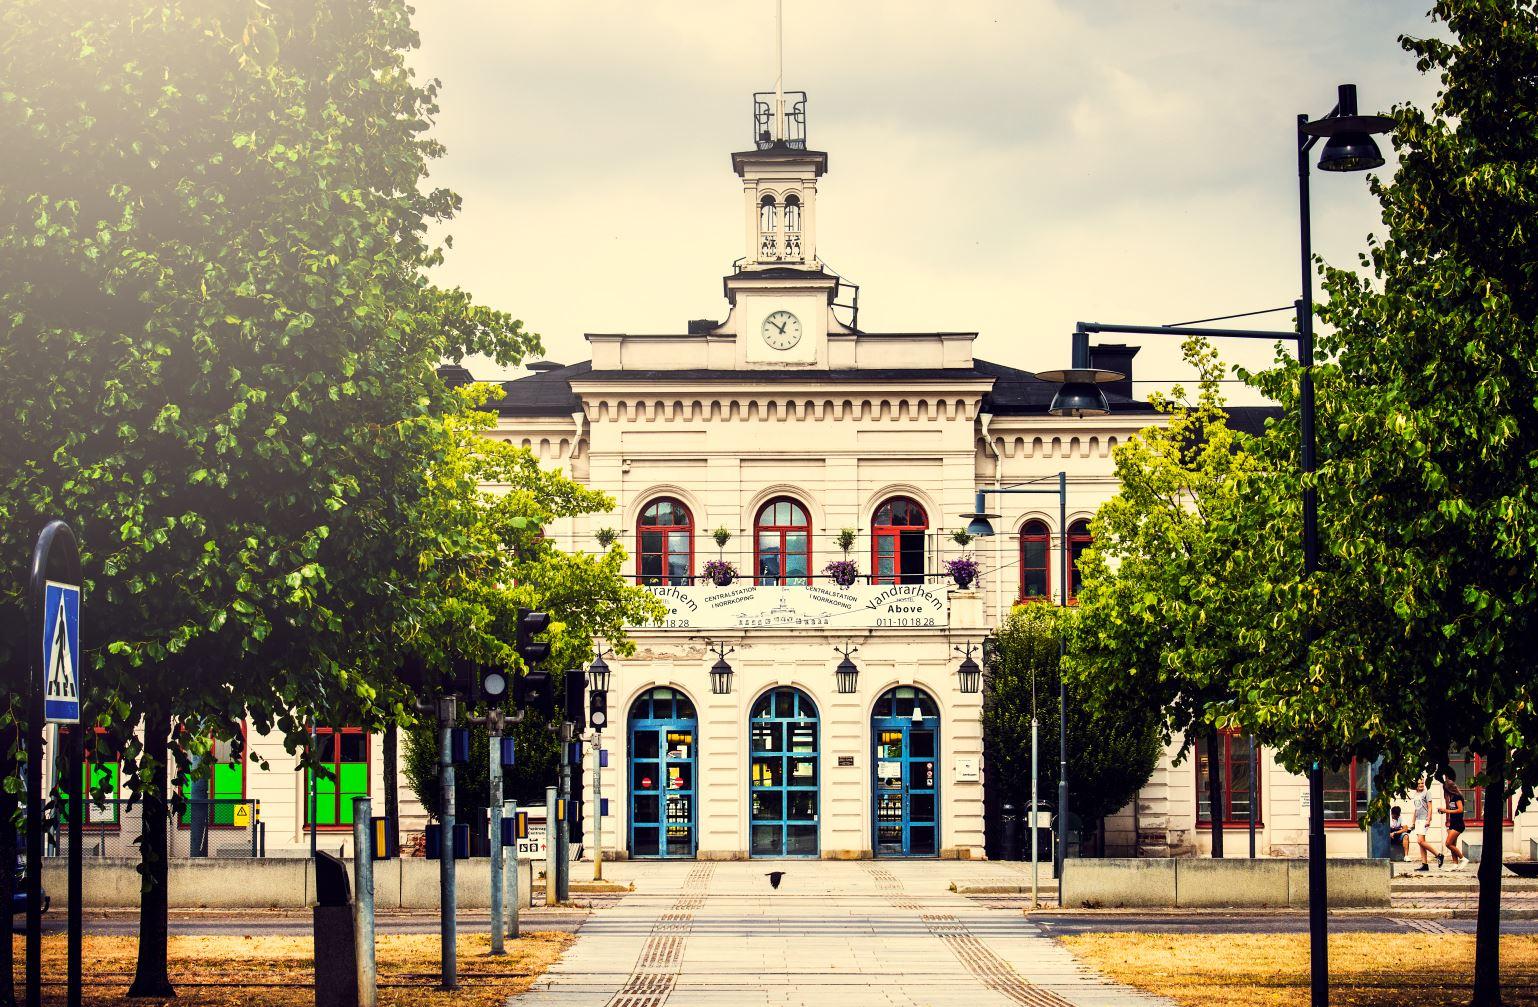 Centralstationens Vandrarhem